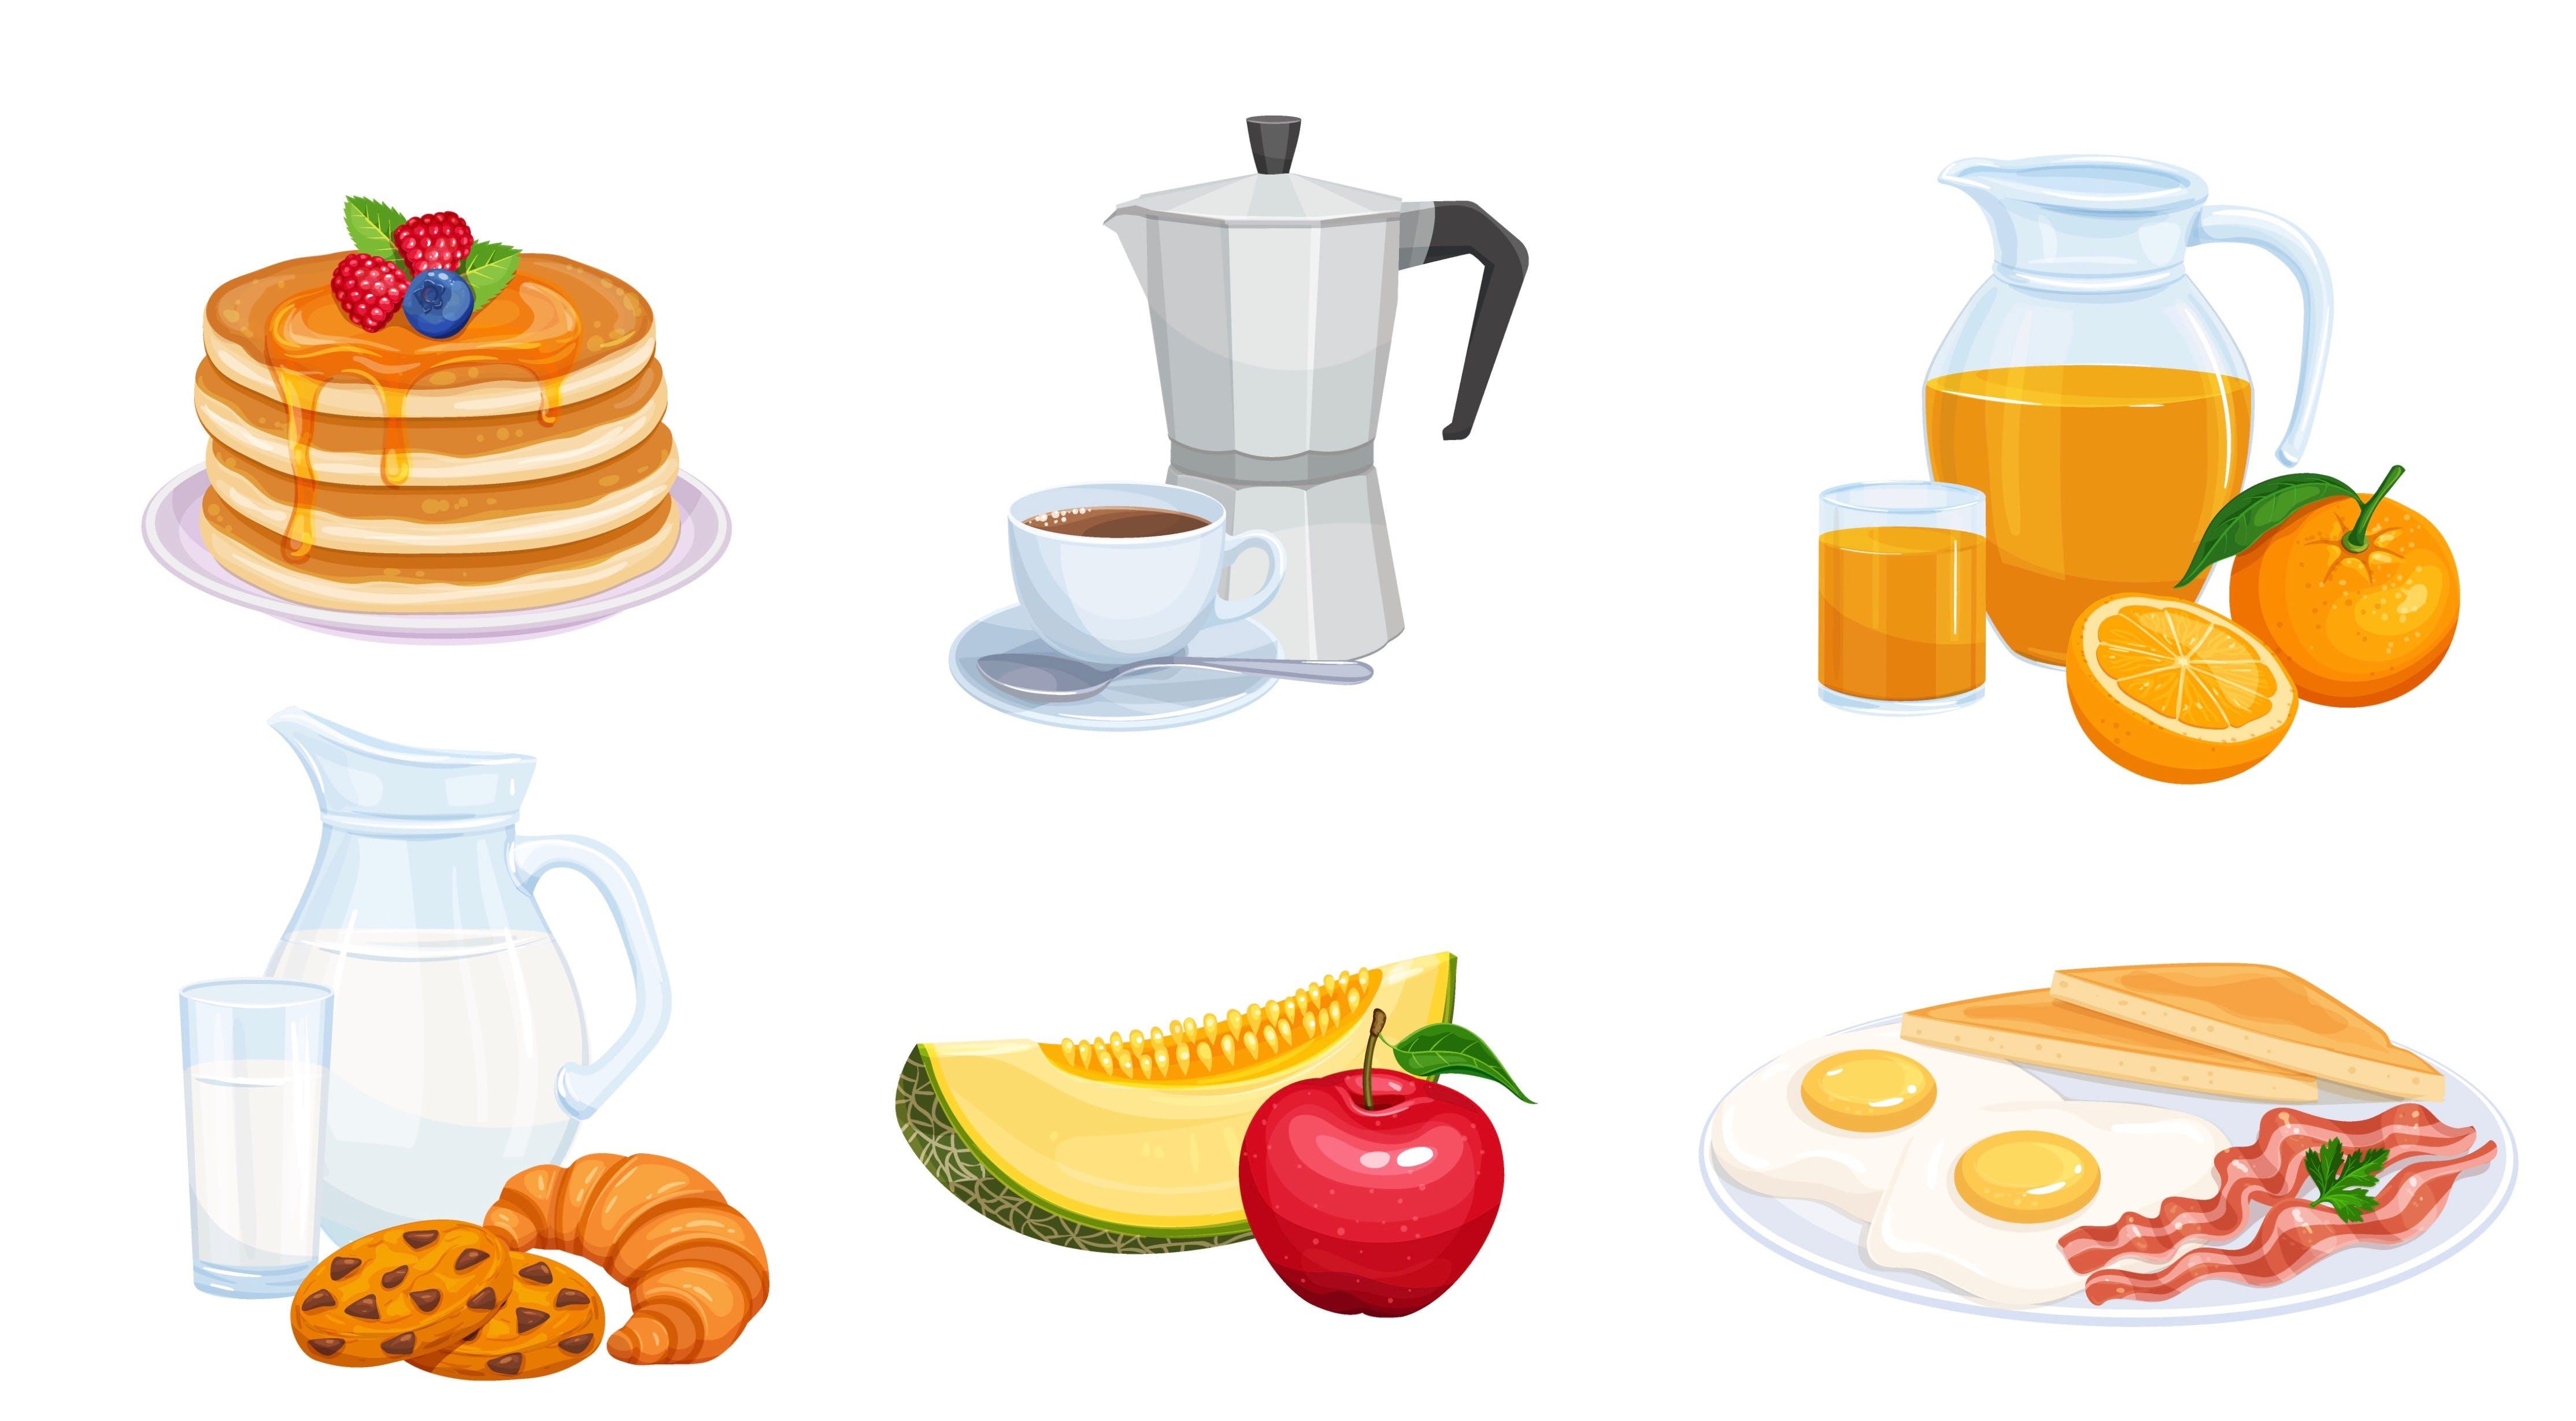 Iconos desayuno